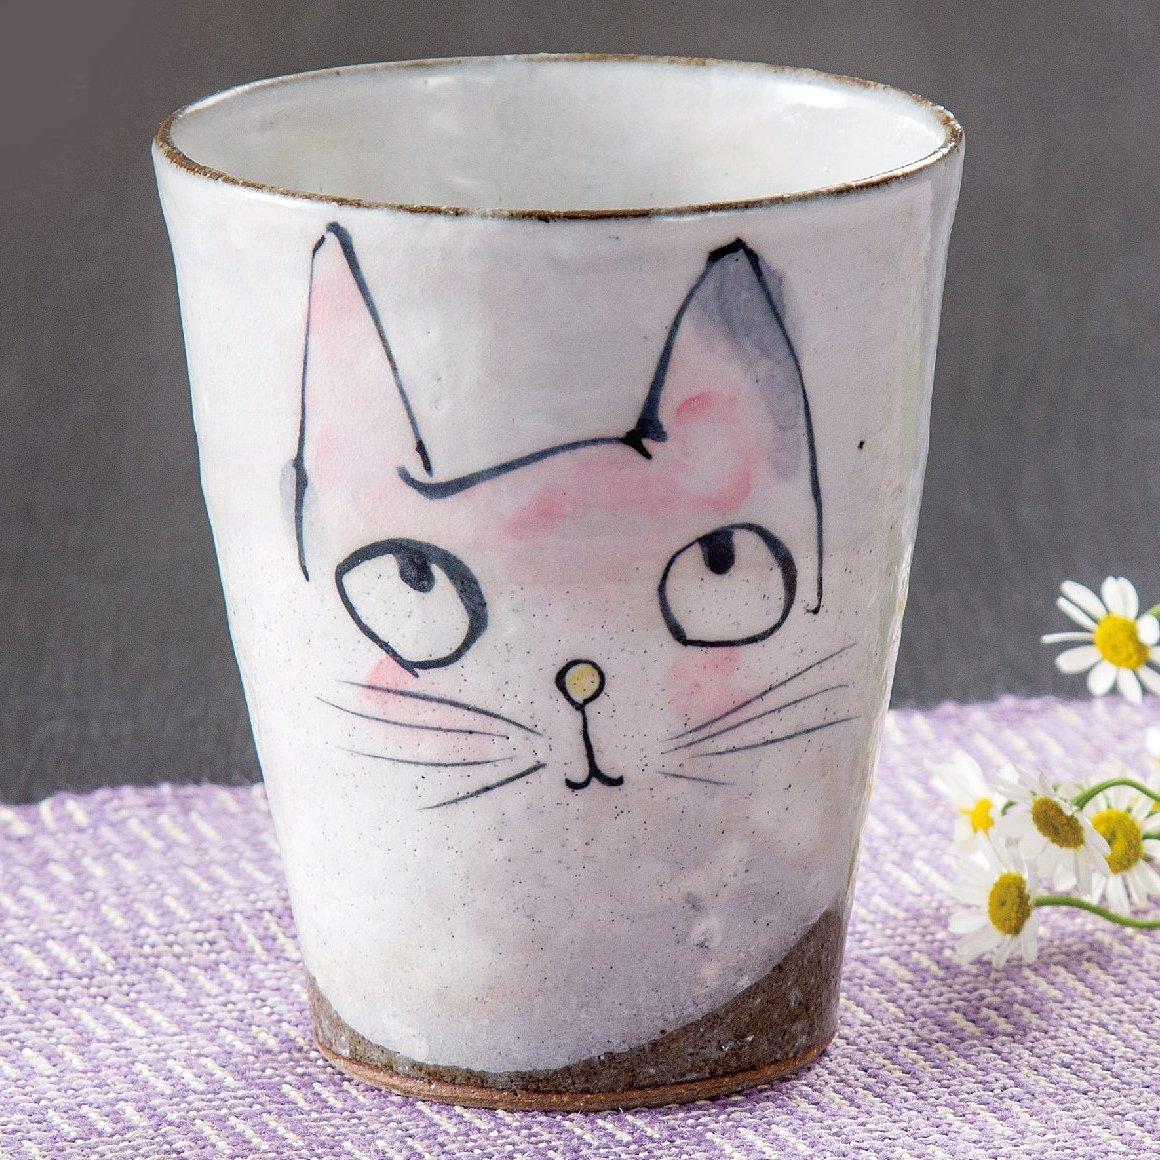 九谷焼ギフト ご贈答品 御祝い 九谷焼フリーカップ おとぼけ猫 東孝子